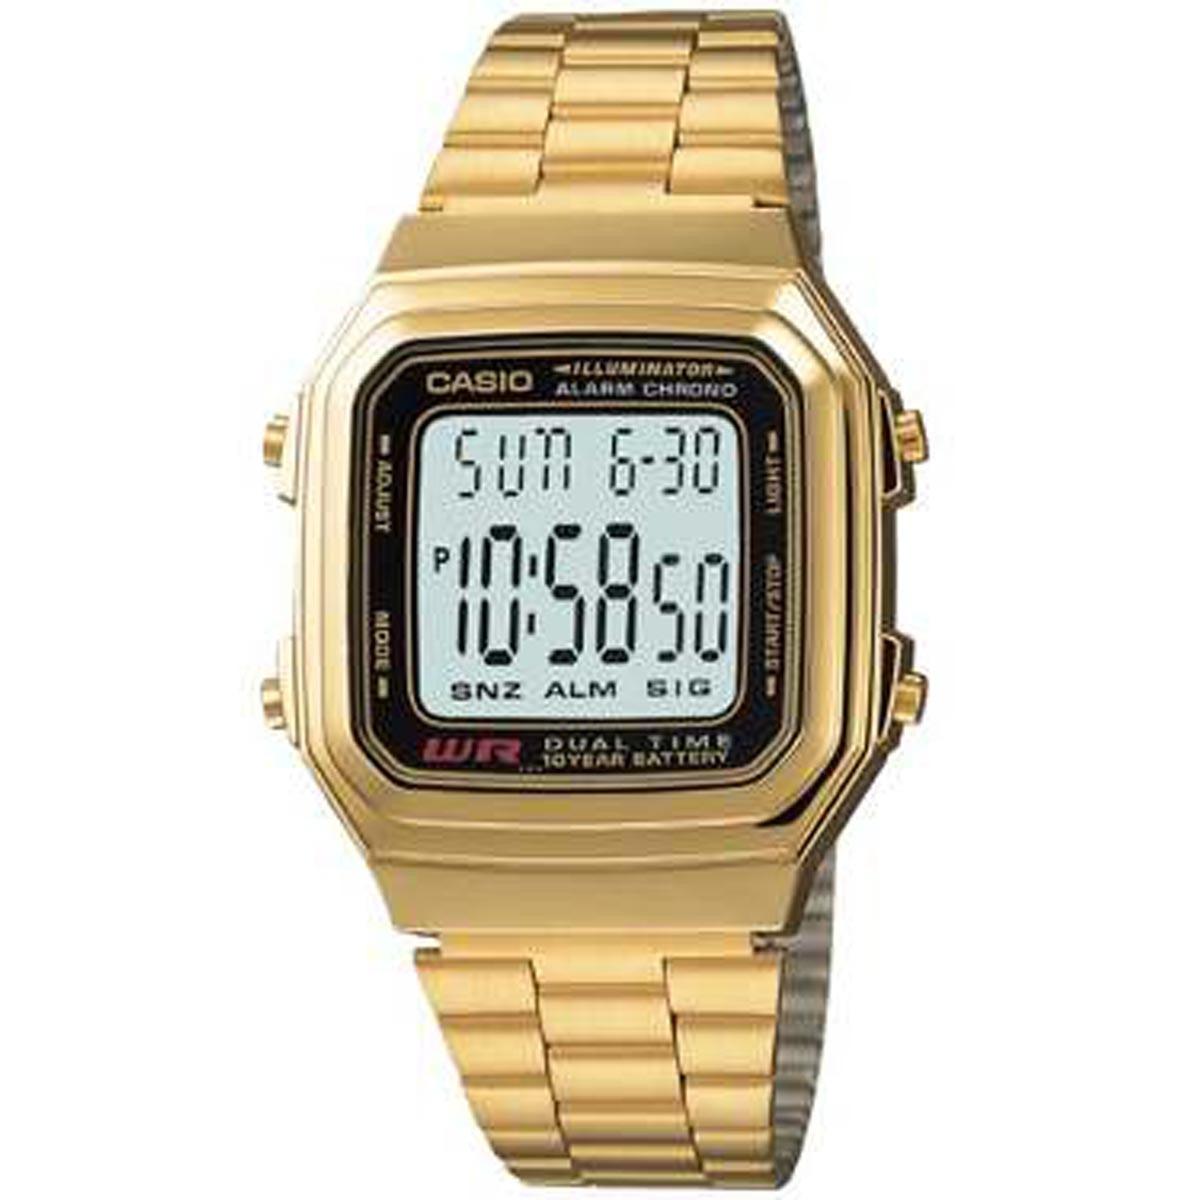 e4e77880953e reloj casio retro a178wga dorado clásico unisex garantia 5 a. Cargando zoom.